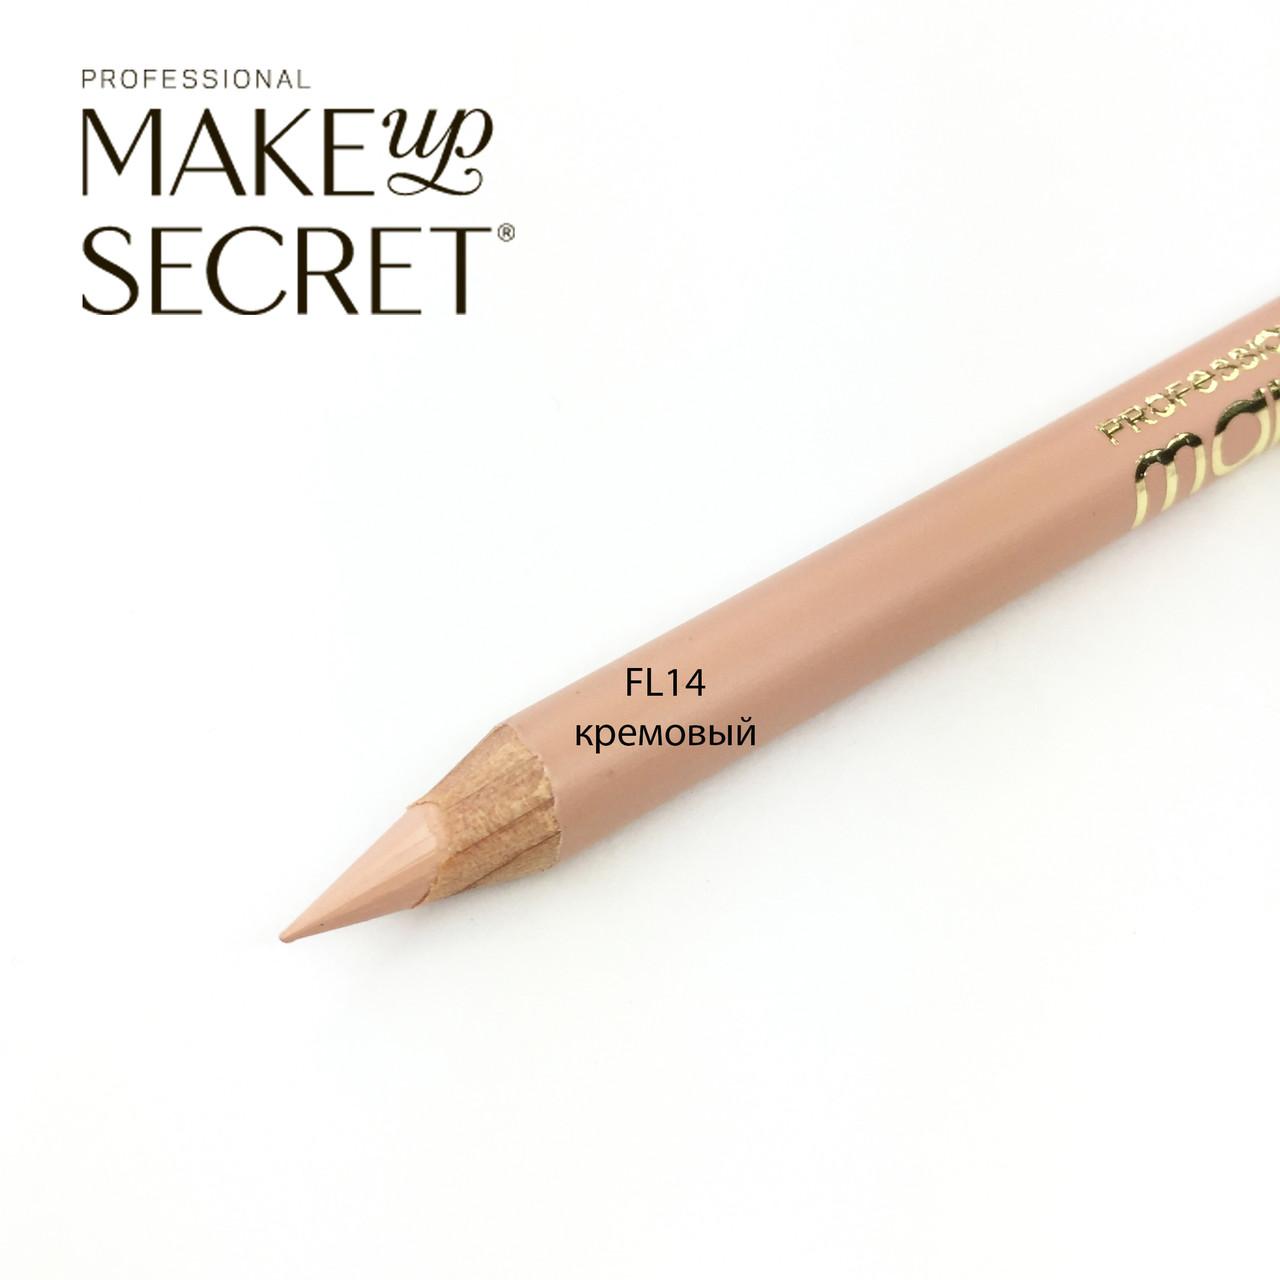 MakeUP Secret карандаш для губ FL14 кремовый (натуральный бежевый)